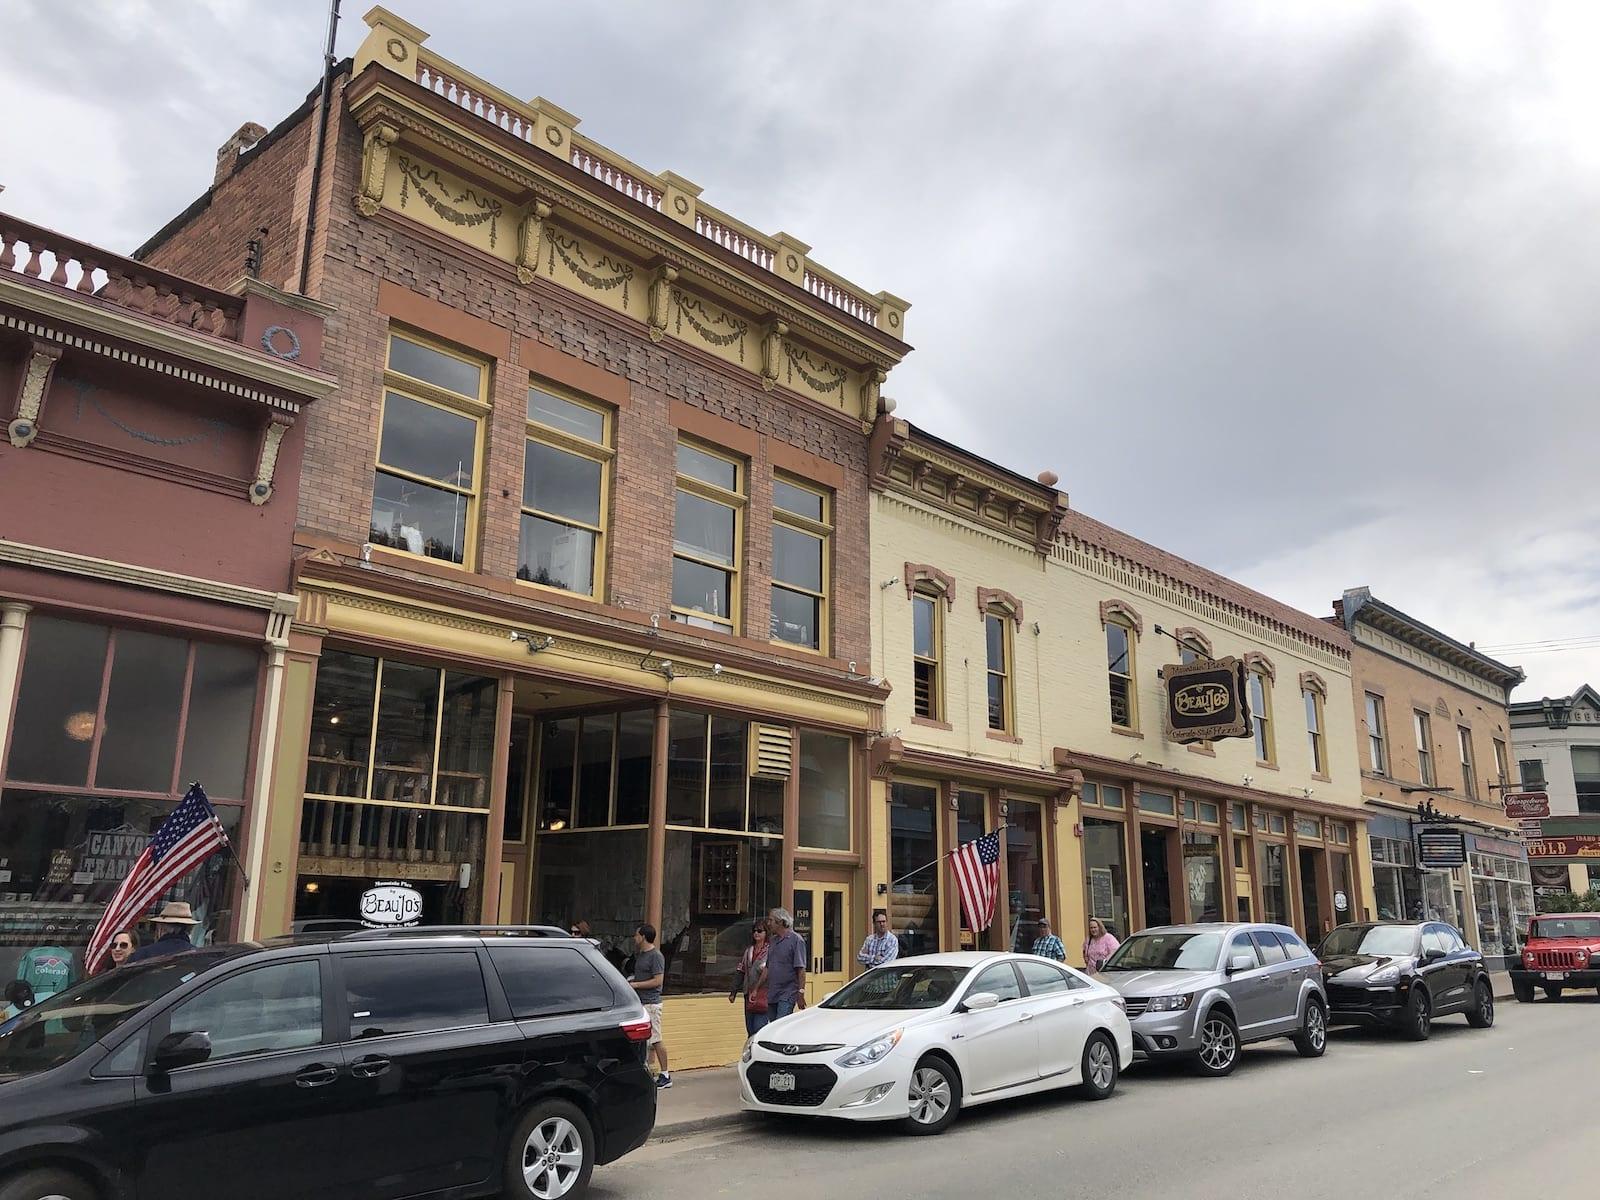 Historic Beau Jo's Colorado Pizza Idaho Springs